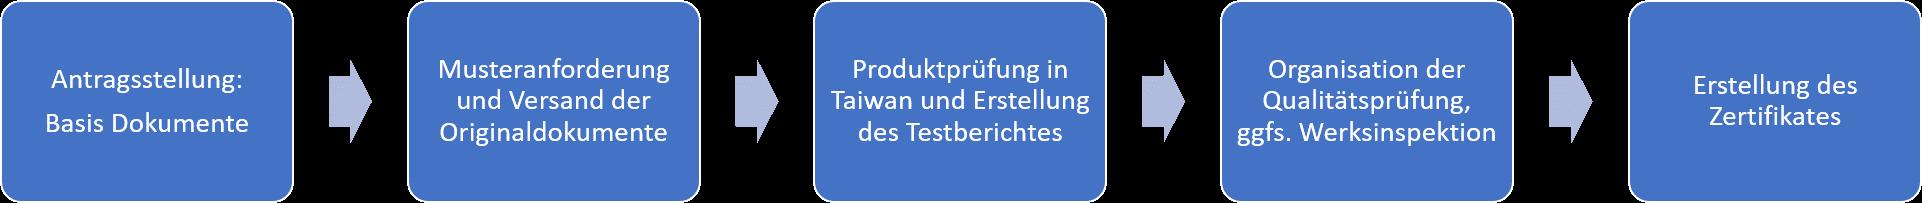 ITRI-Zertifizierung-Prozess